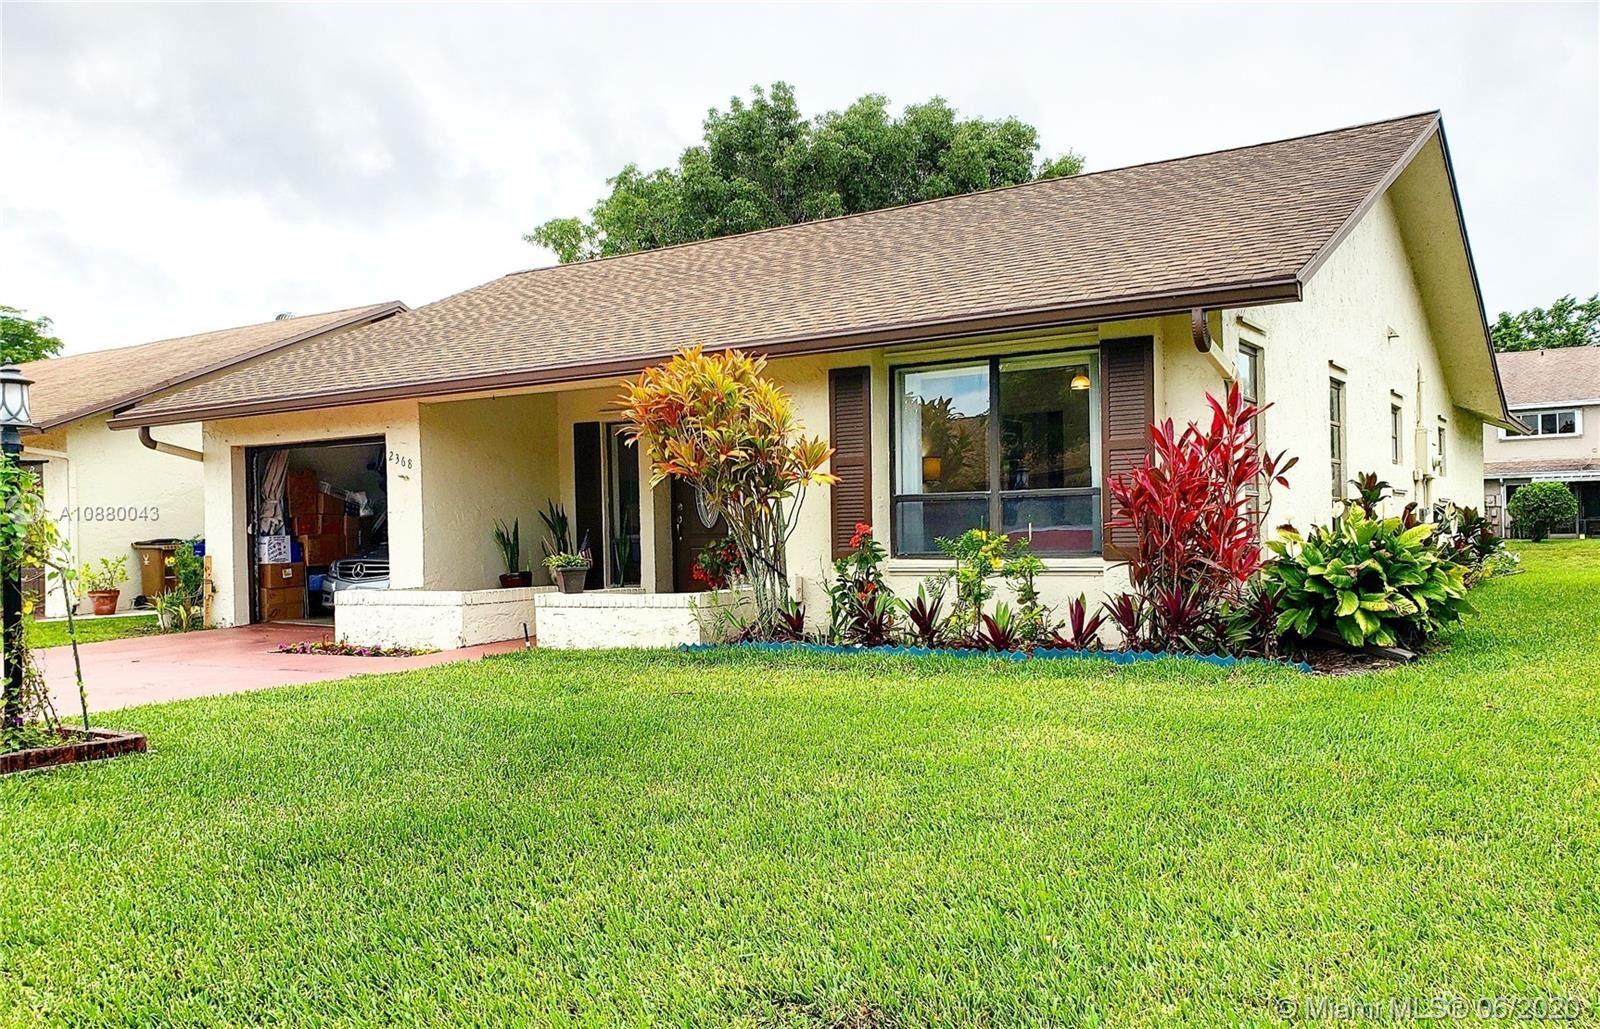 2368 SW 17th Dr, Deerfield Beach, FL 33442 - #: A10880043